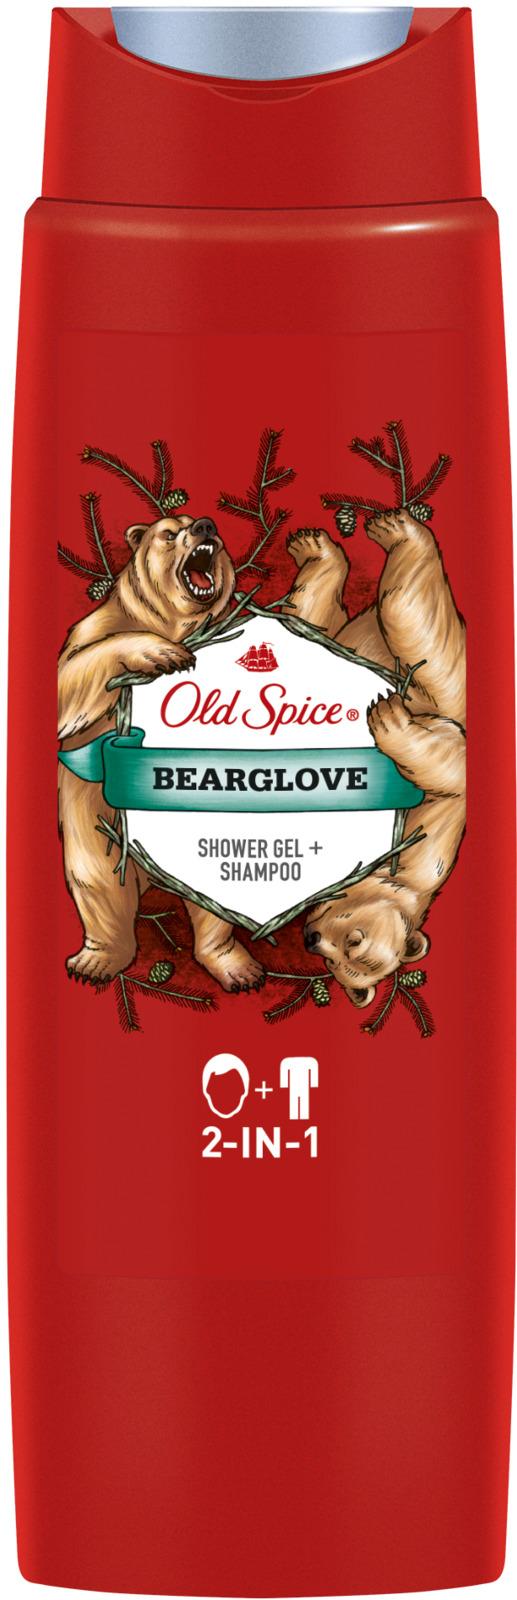 Гель для душа + Шампунь Old Spice 2в1 Bearglove, 250 мл